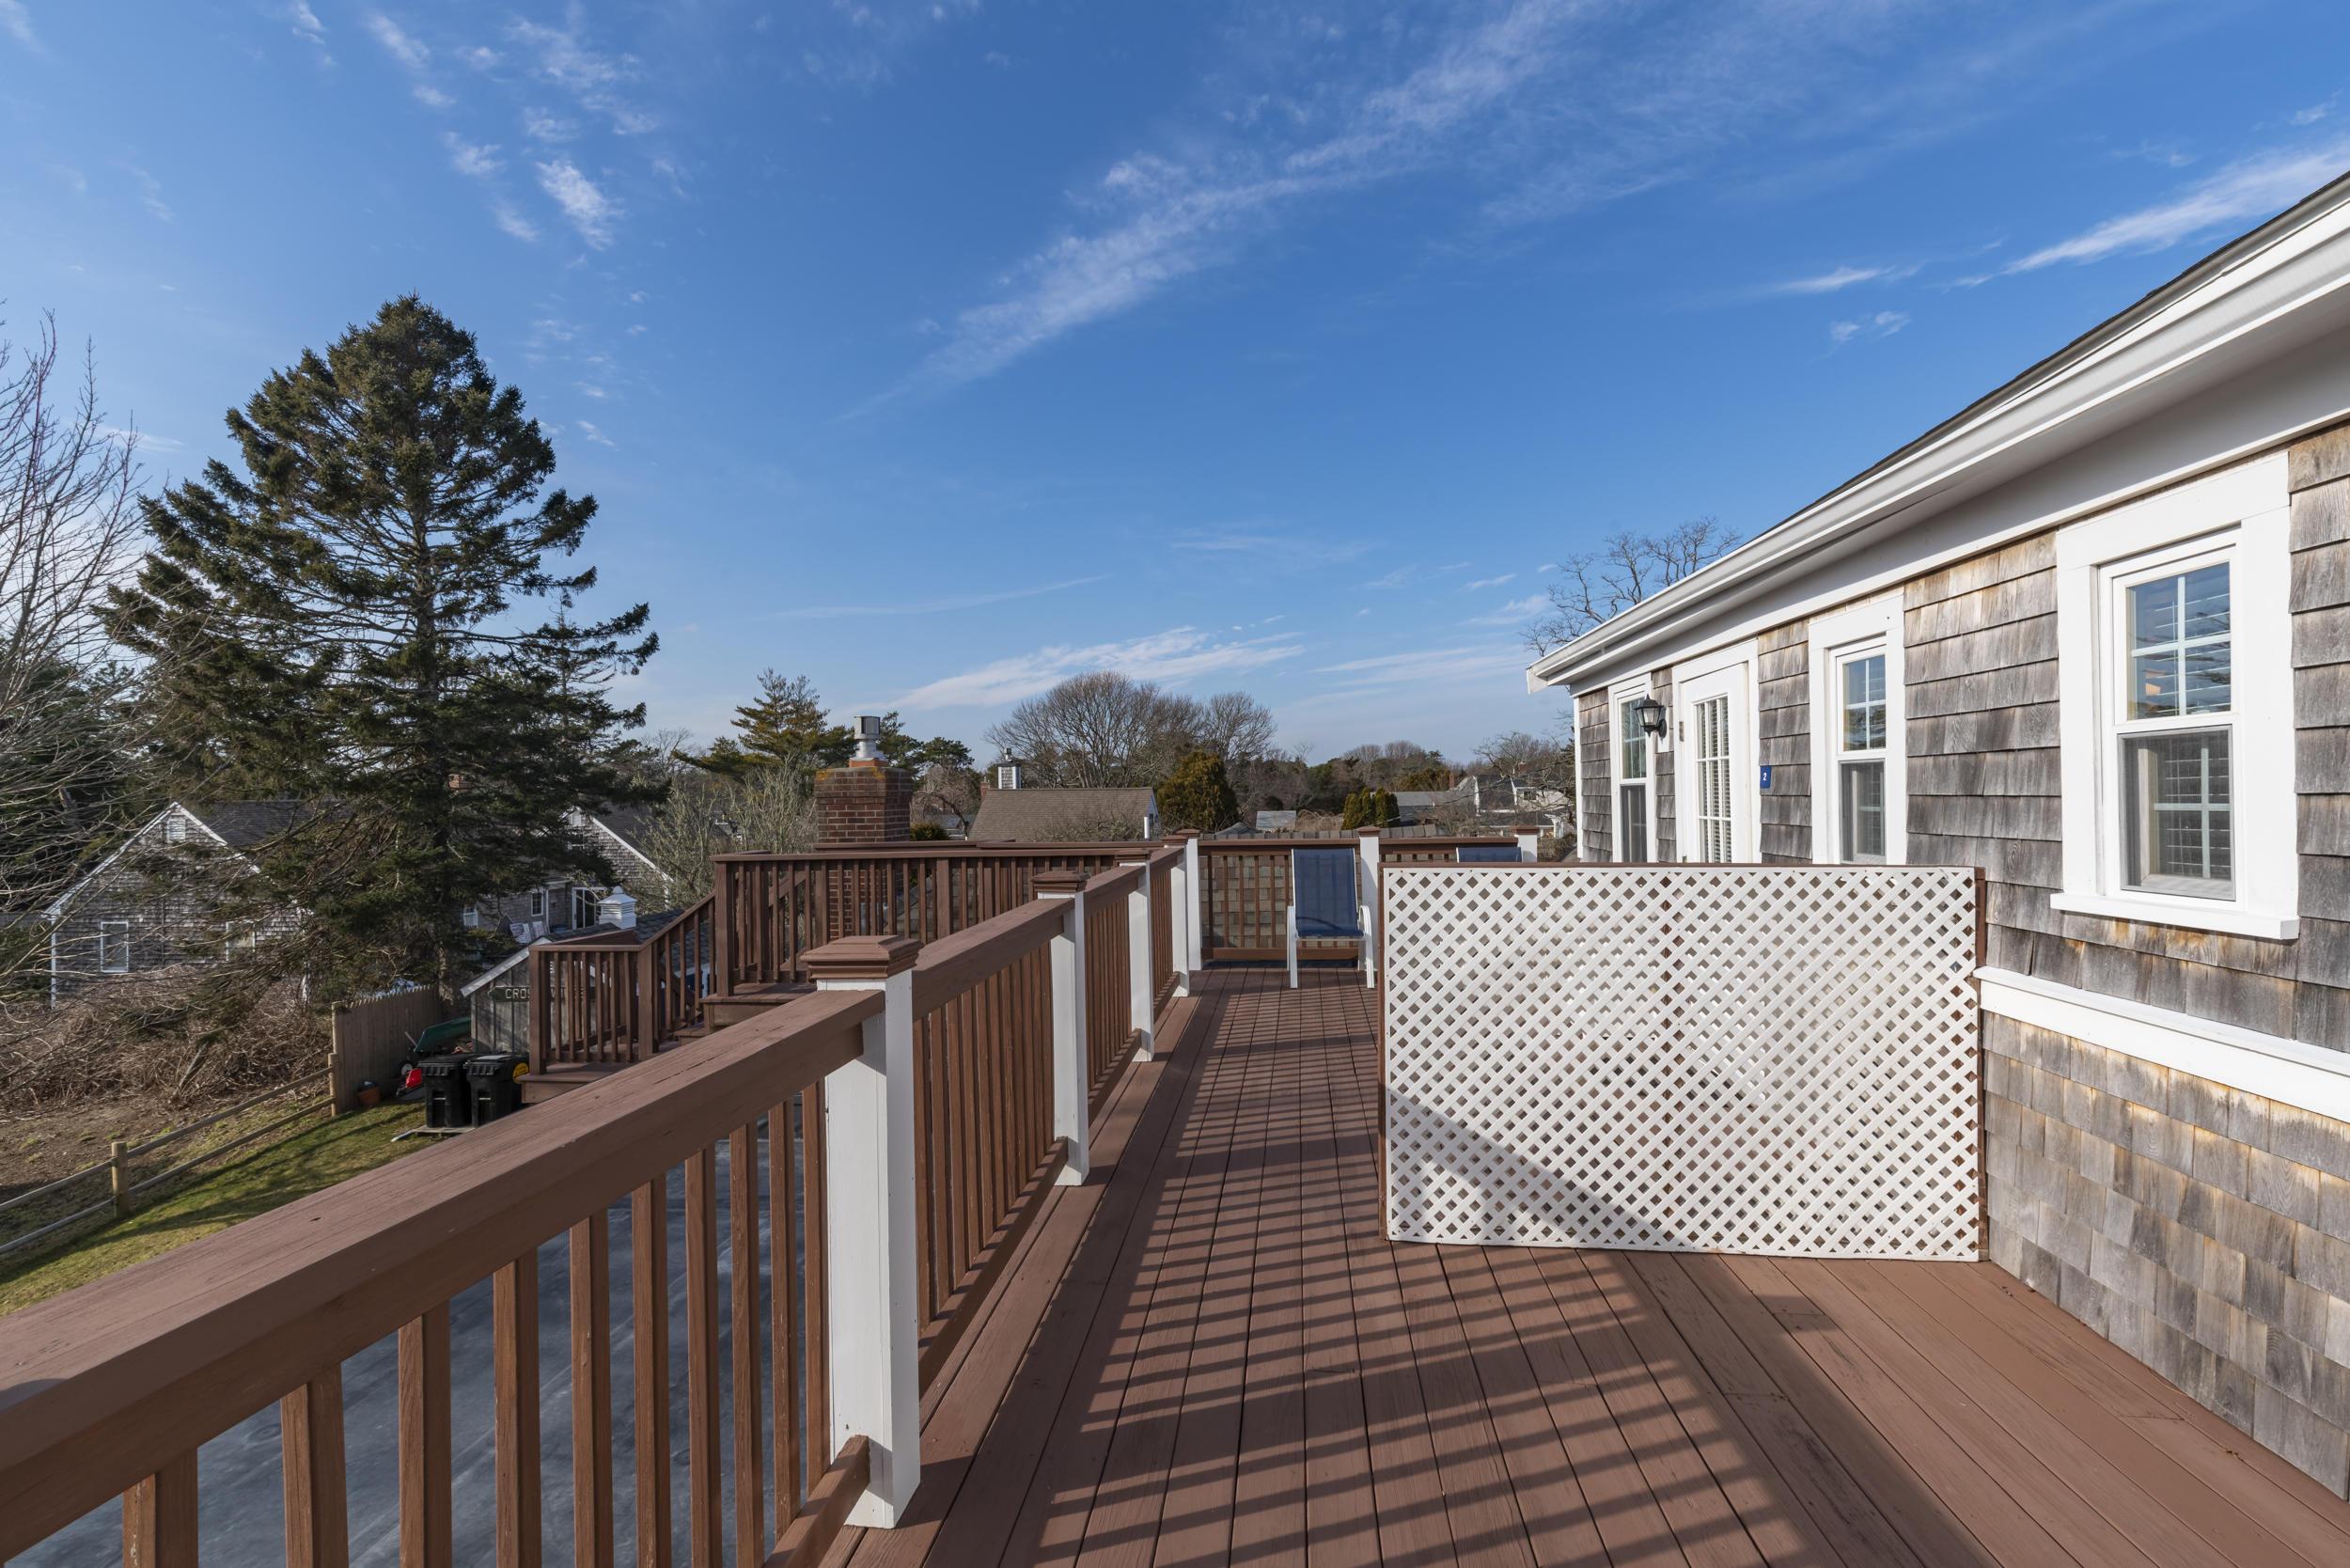 407 Old Harbor Road, Chatham, MA  02633 - slide 44